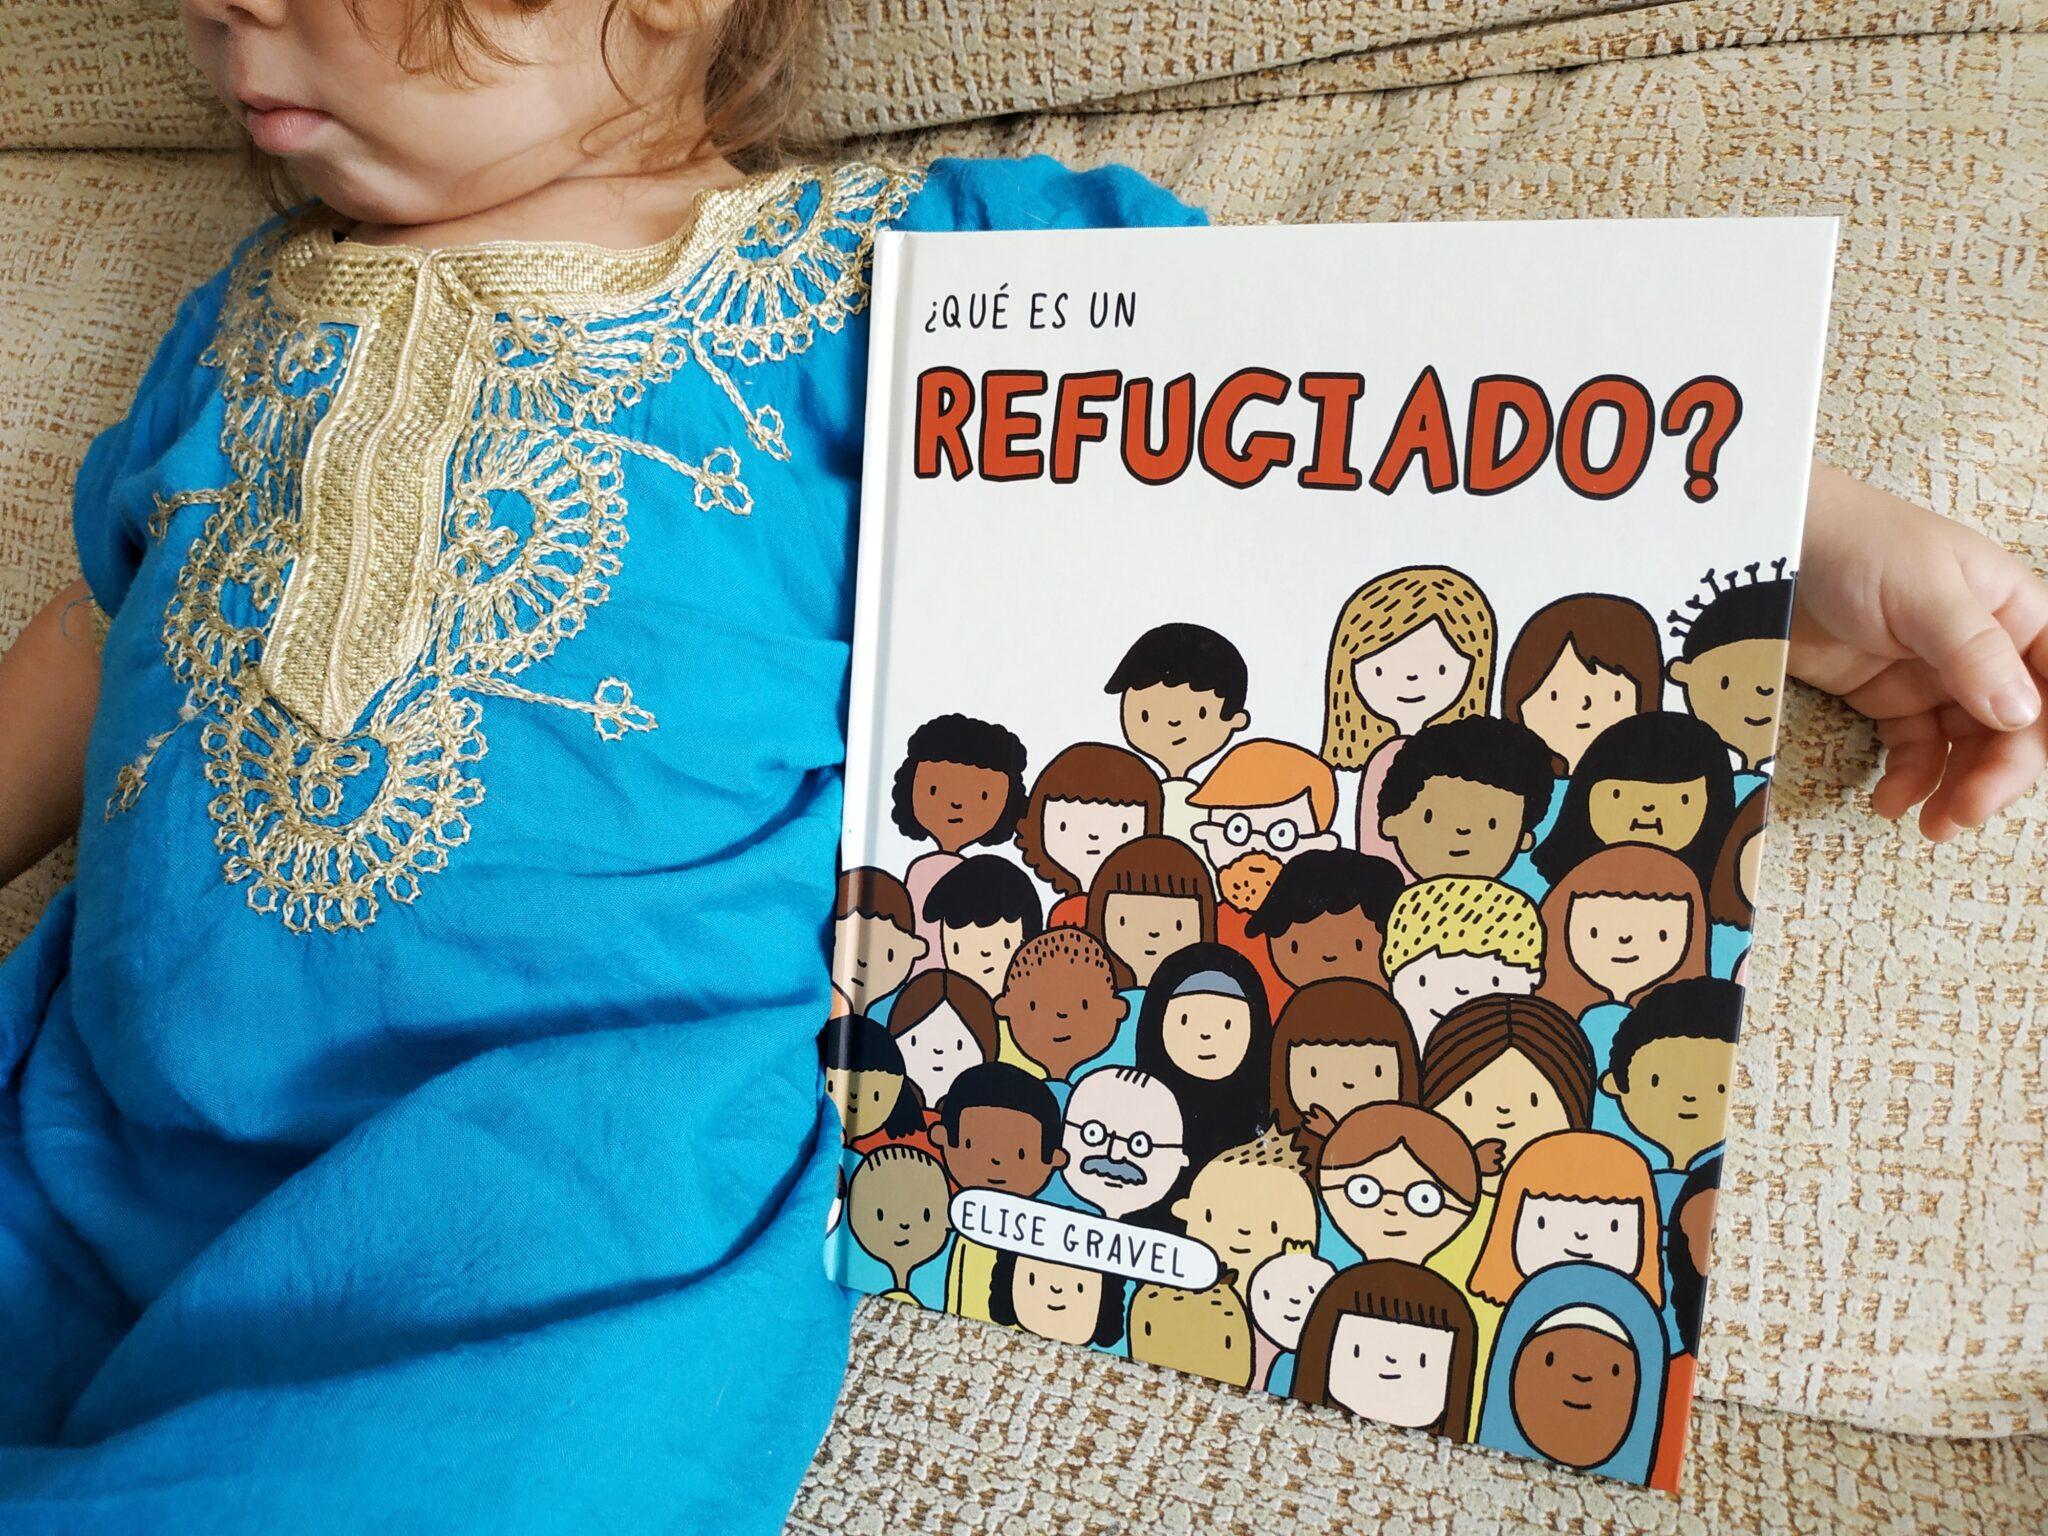 IMG 20200923 122927 01 scaled - Cómo explicar a los niños qué es un refugiado